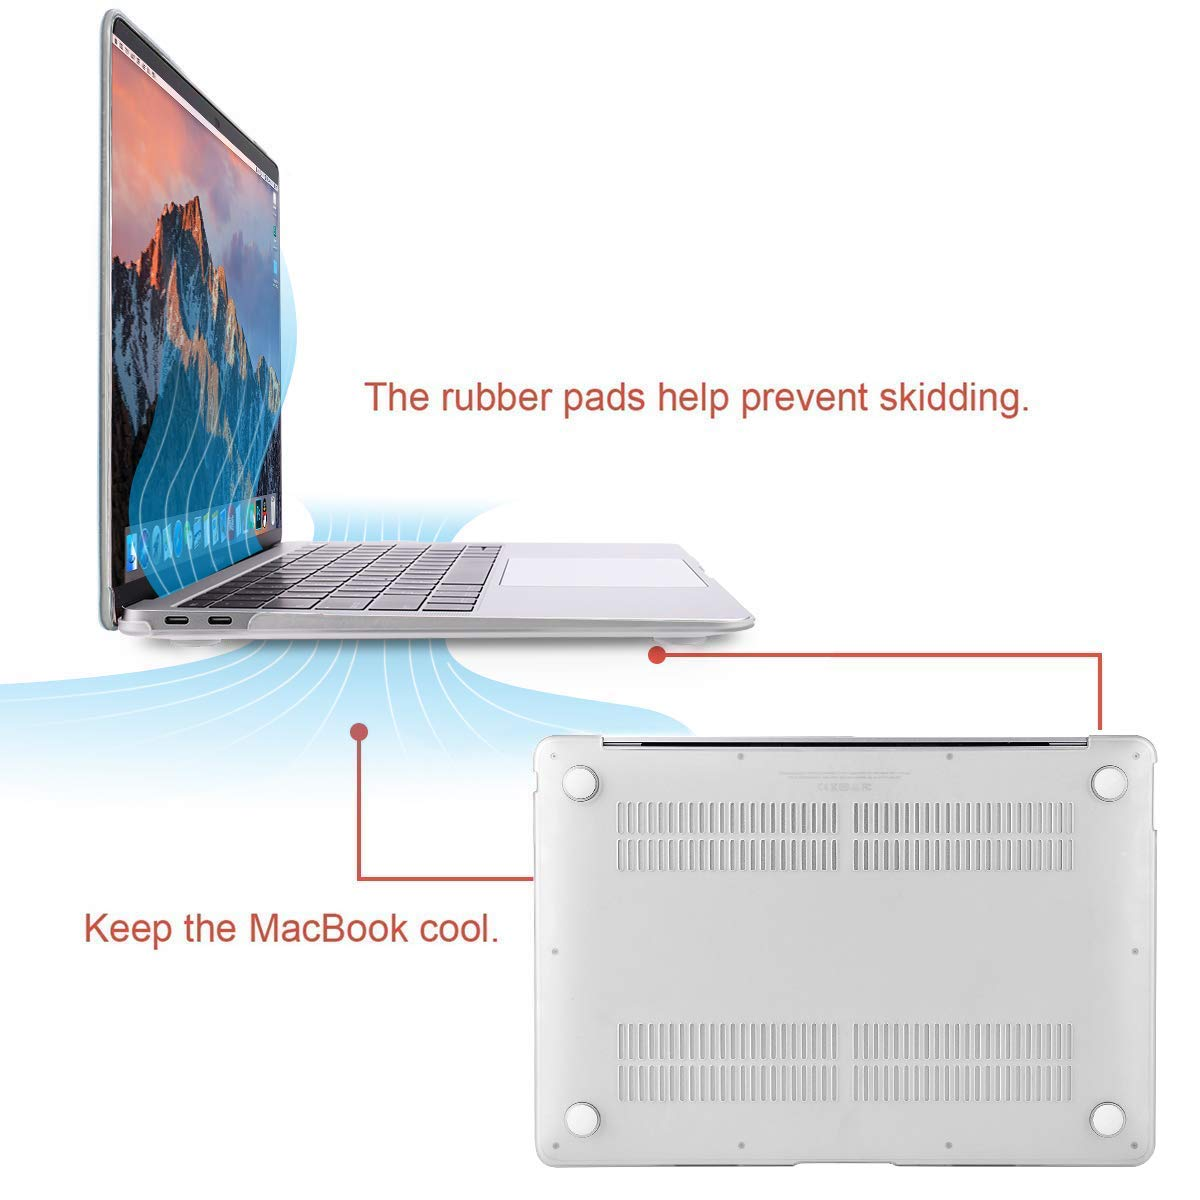 MOSISO Funda Dura Compatible con 2019 2018 MacBook Air 13 Pulgadas A1932 con Pantalla Retina Ultra Delgado Carcasa R/ígida Protector de Patr/ón de Pl/ástico Cubierta M/ármol Blanco /& Dorado